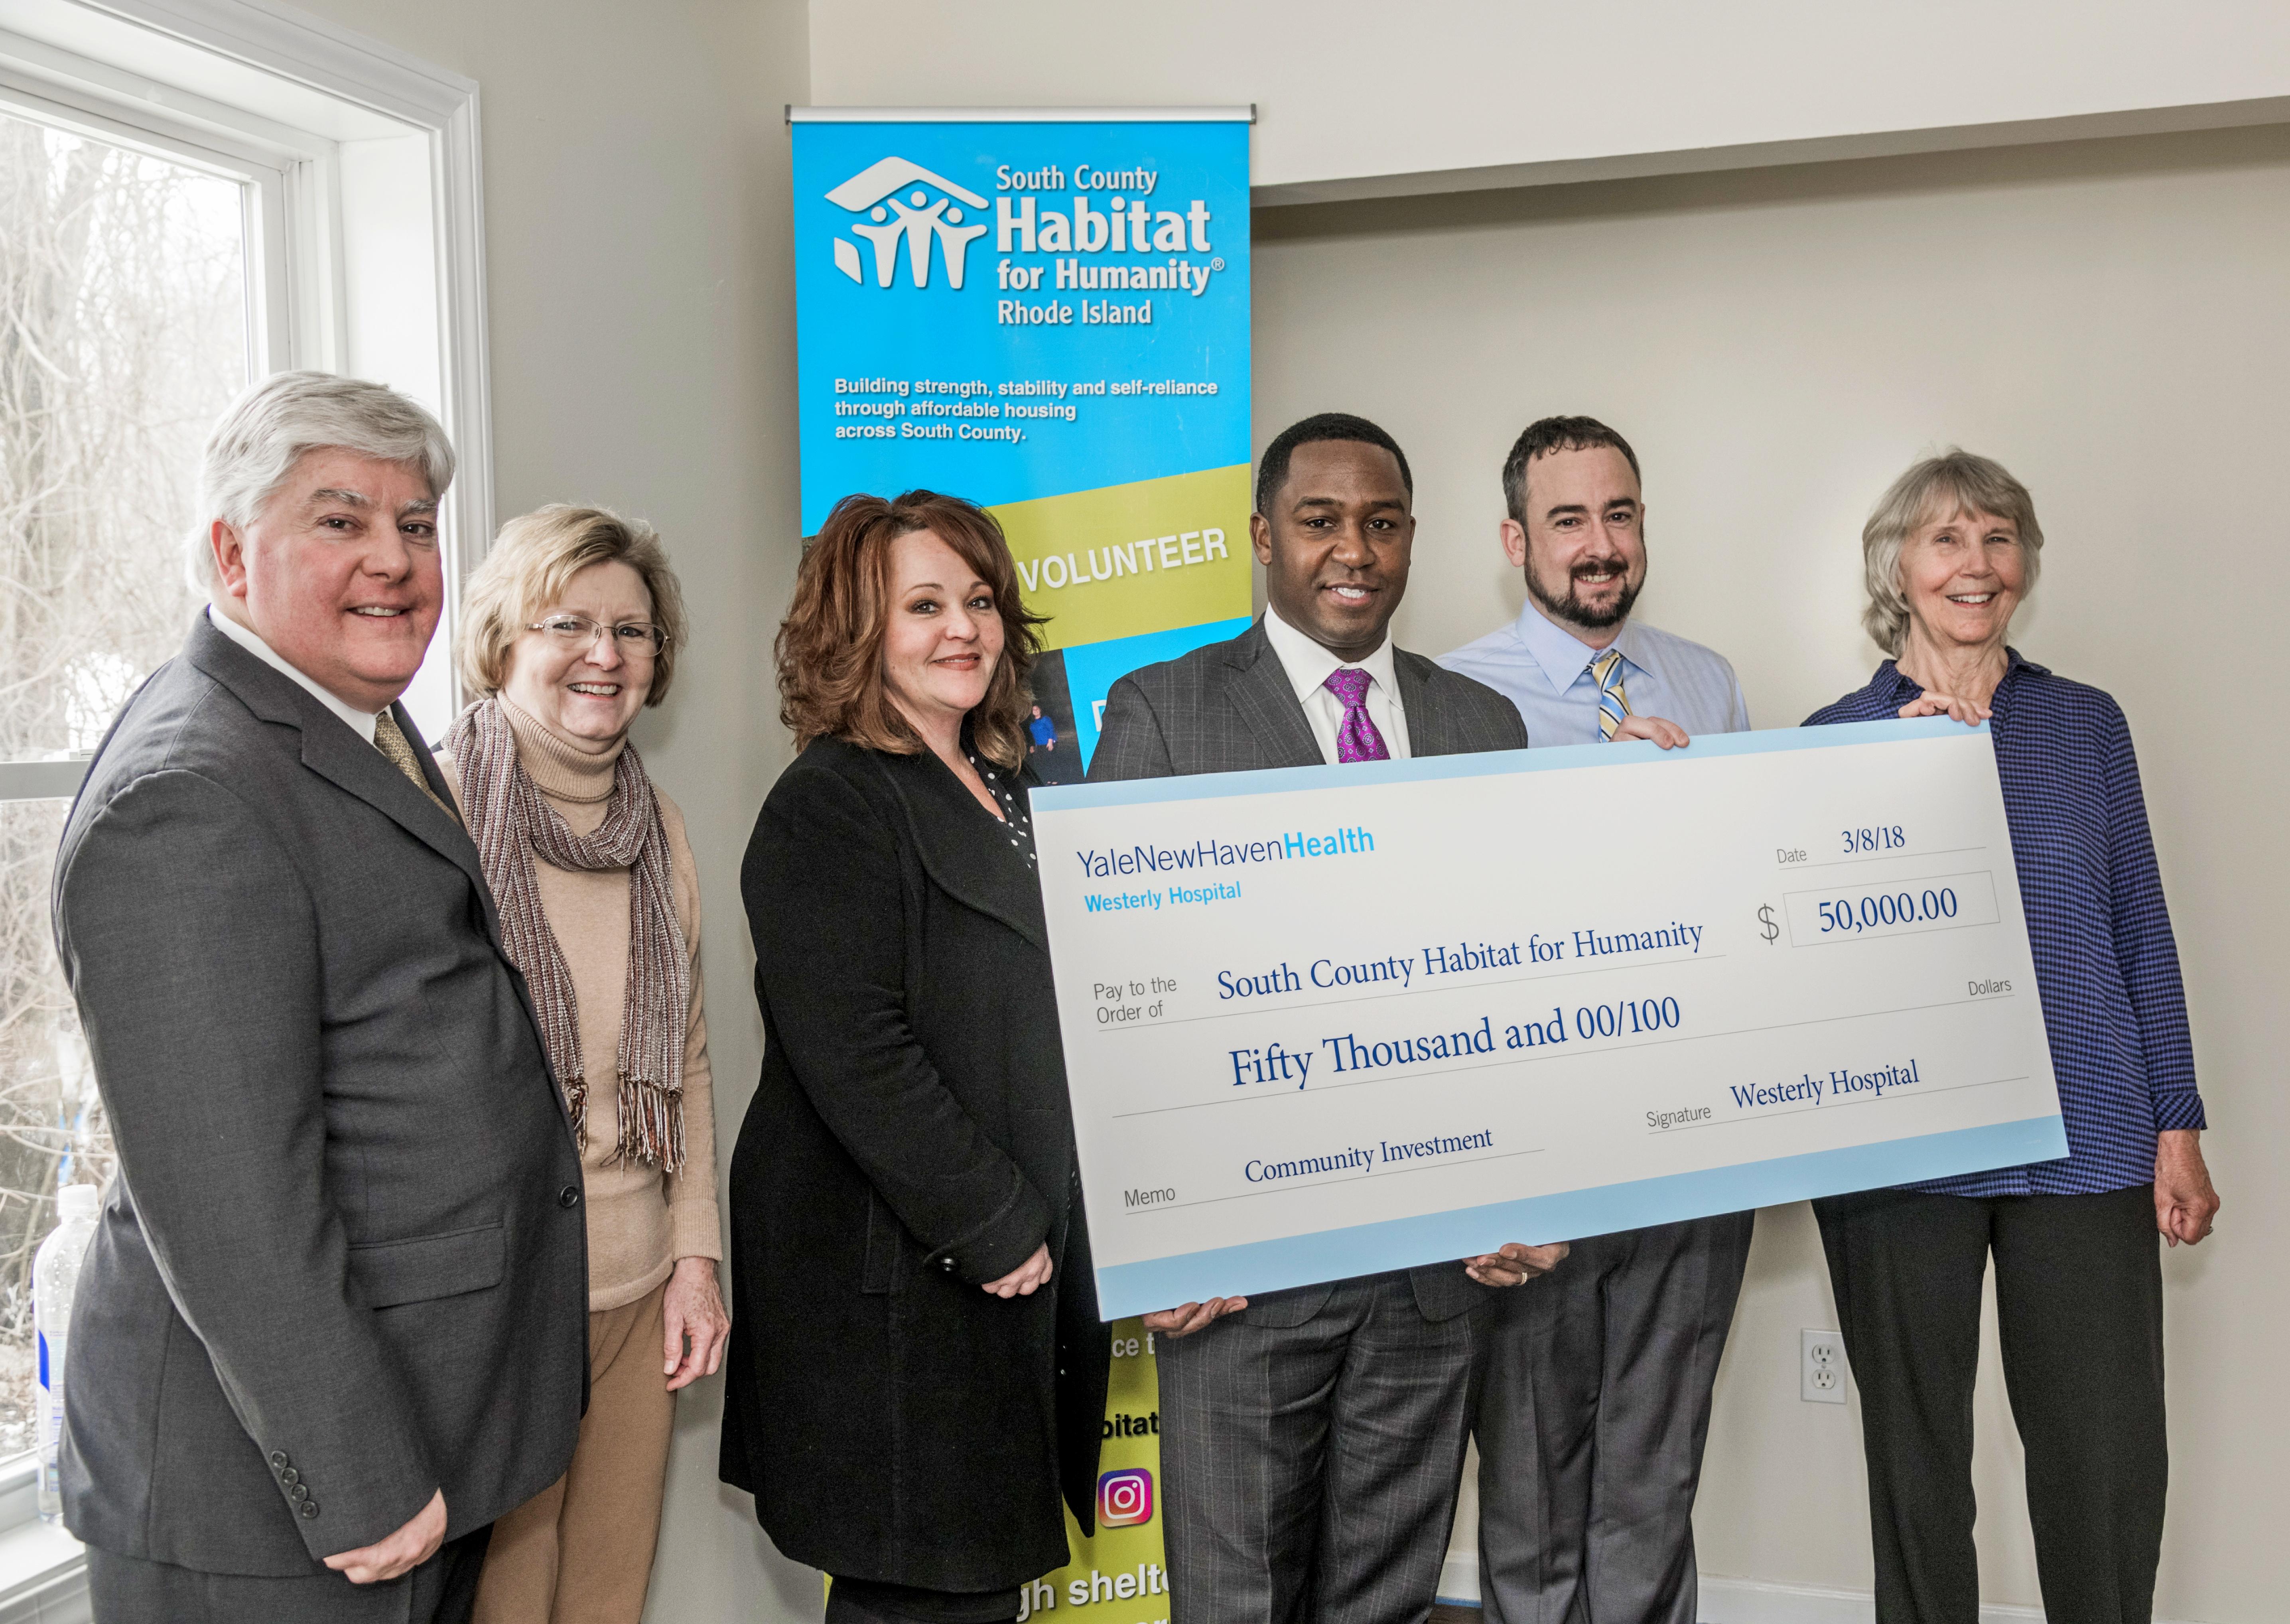 Westerly Hospital pledges $50,000